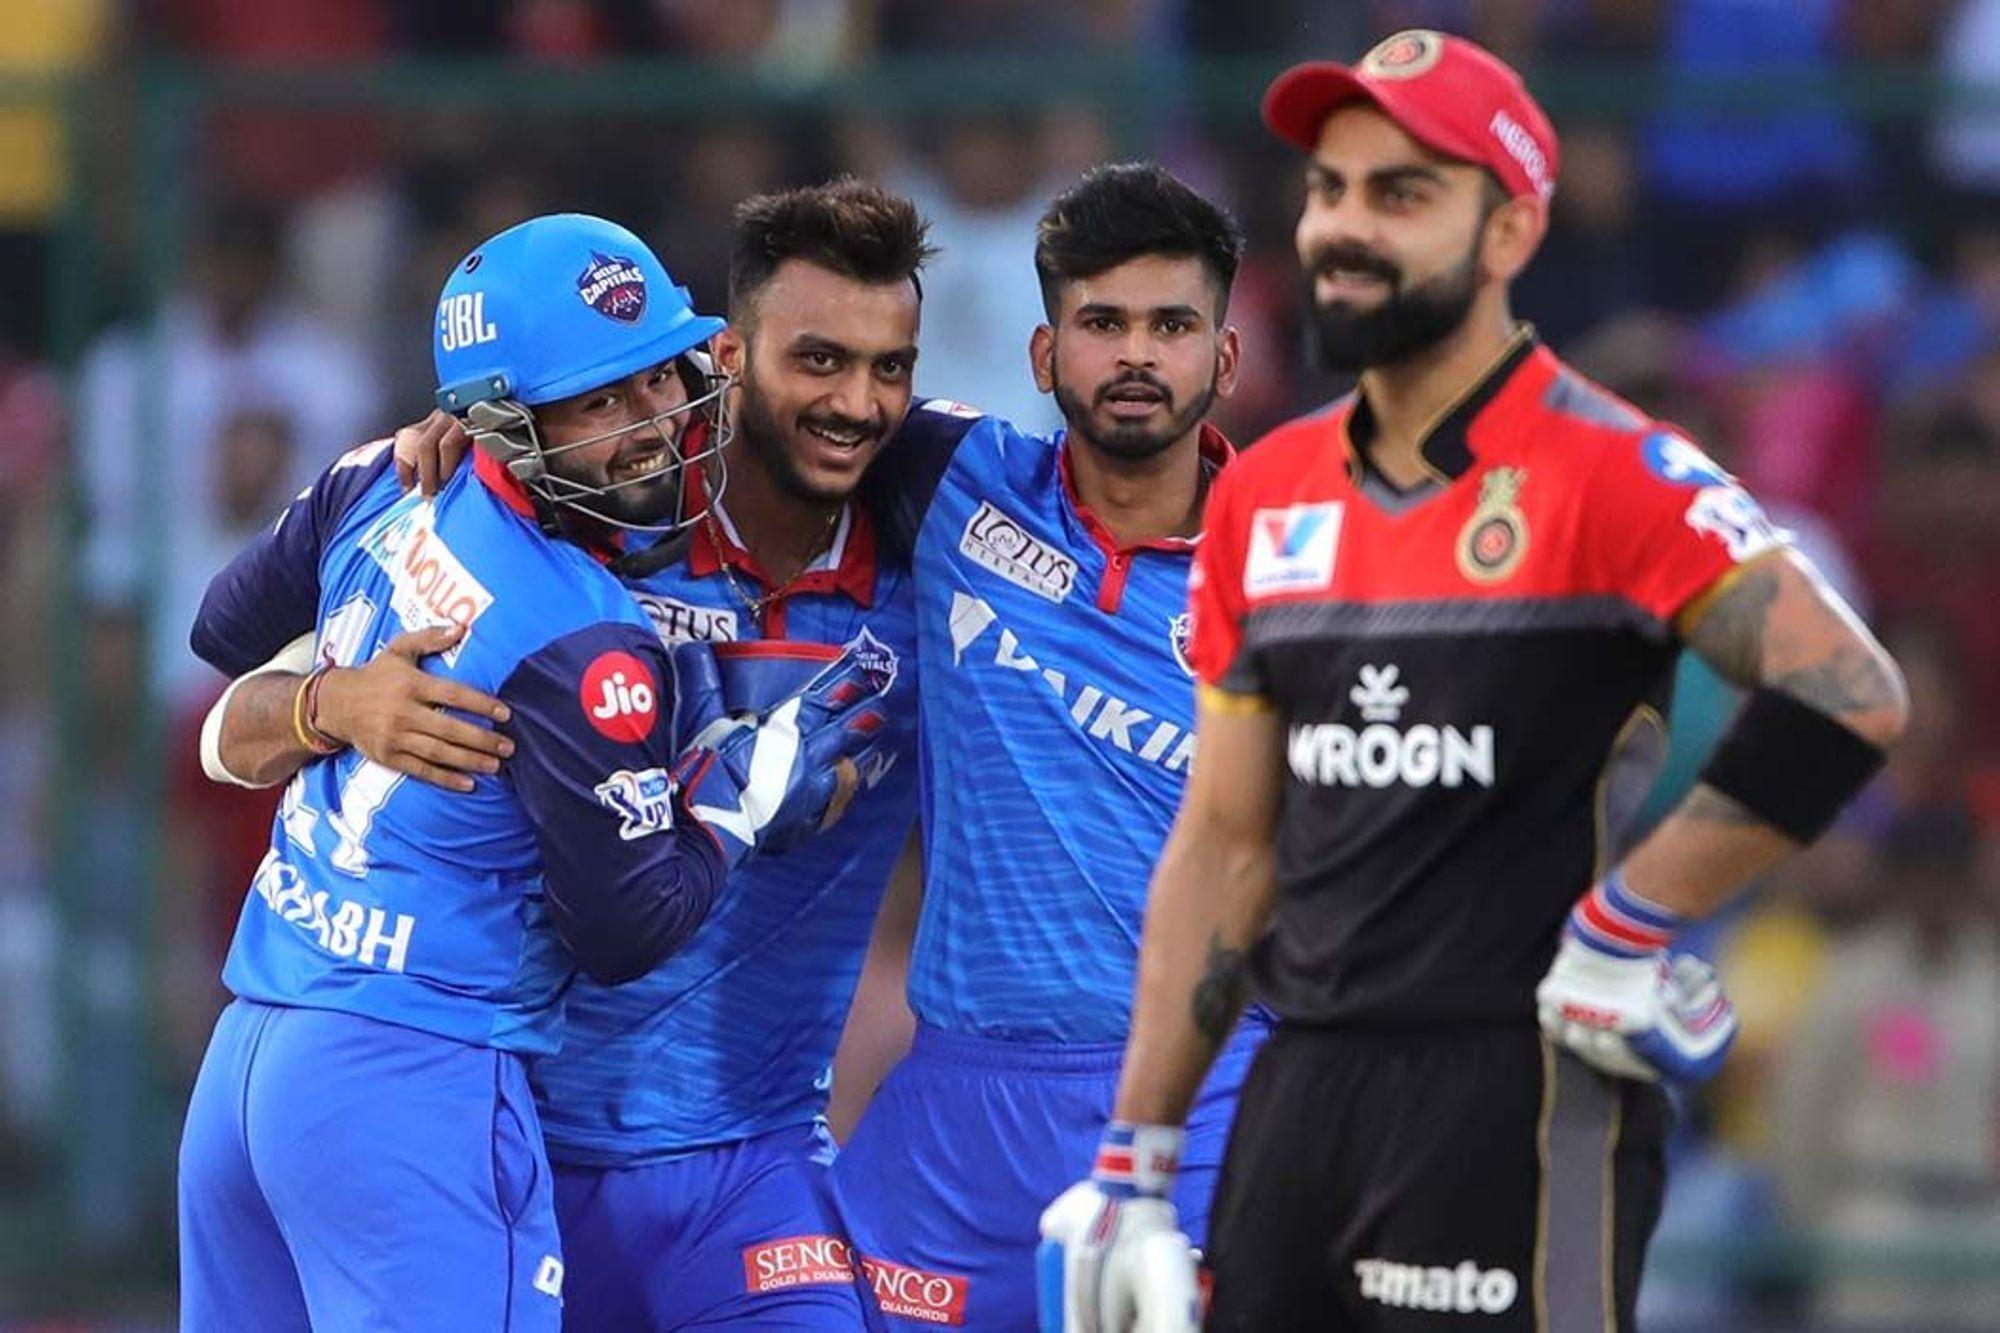 DCvsRCB: दिल्ली कैपिटल्स की शानदार जीत के बाद ऋषभ पंत का इस वजह से उड़ा मजाक